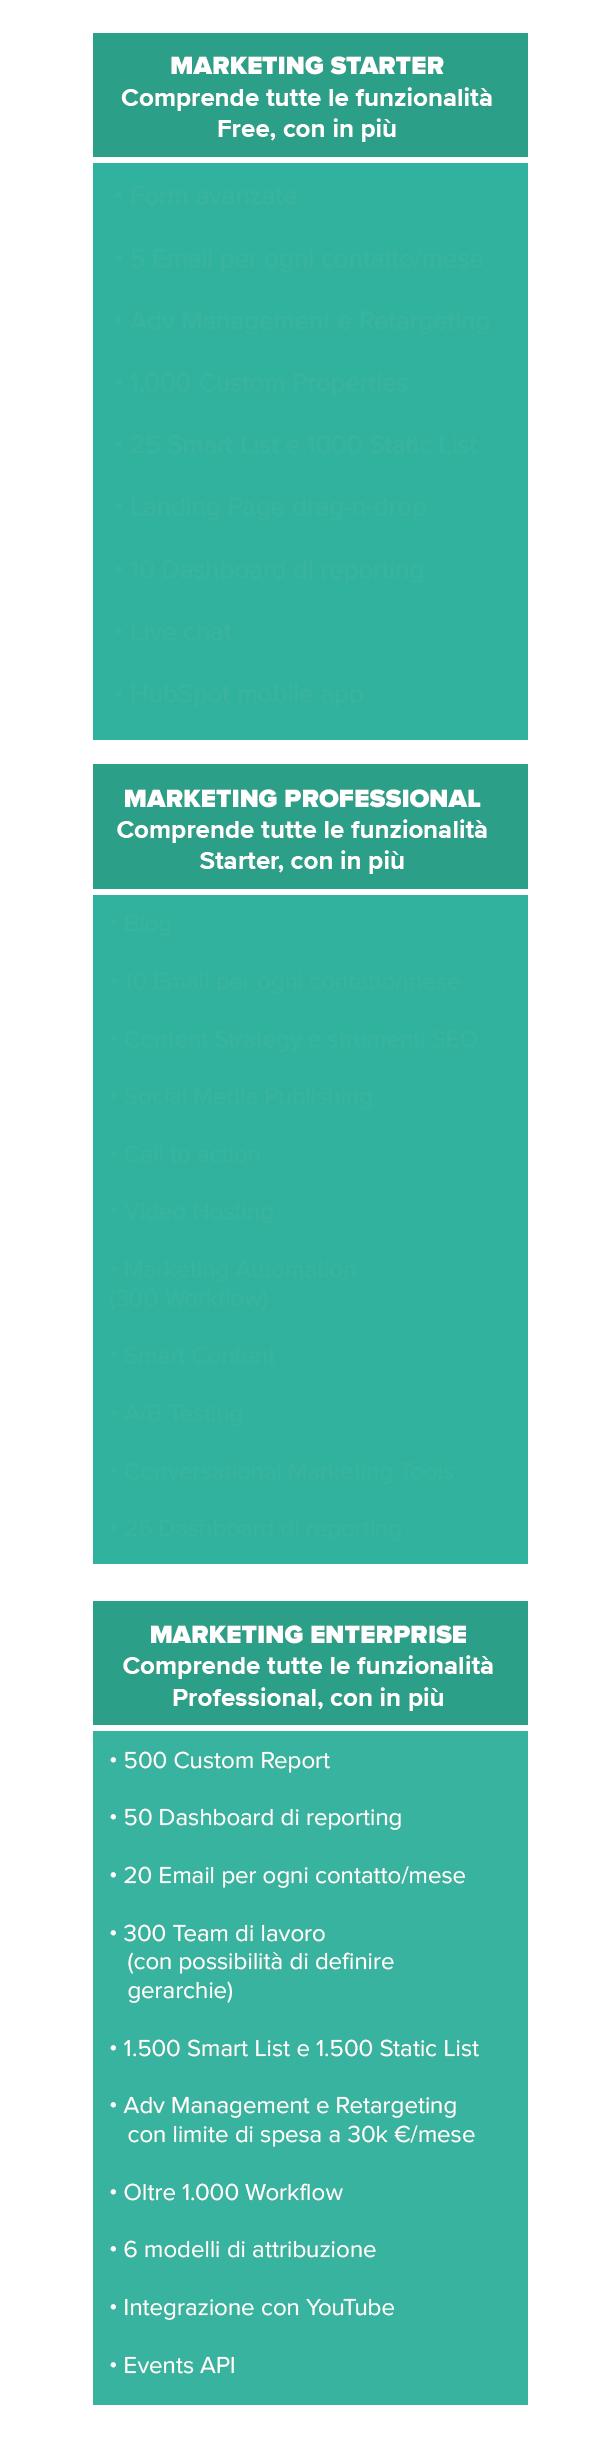 tabella_articolo_marketing_hubspot_Tavola disegno_mobile